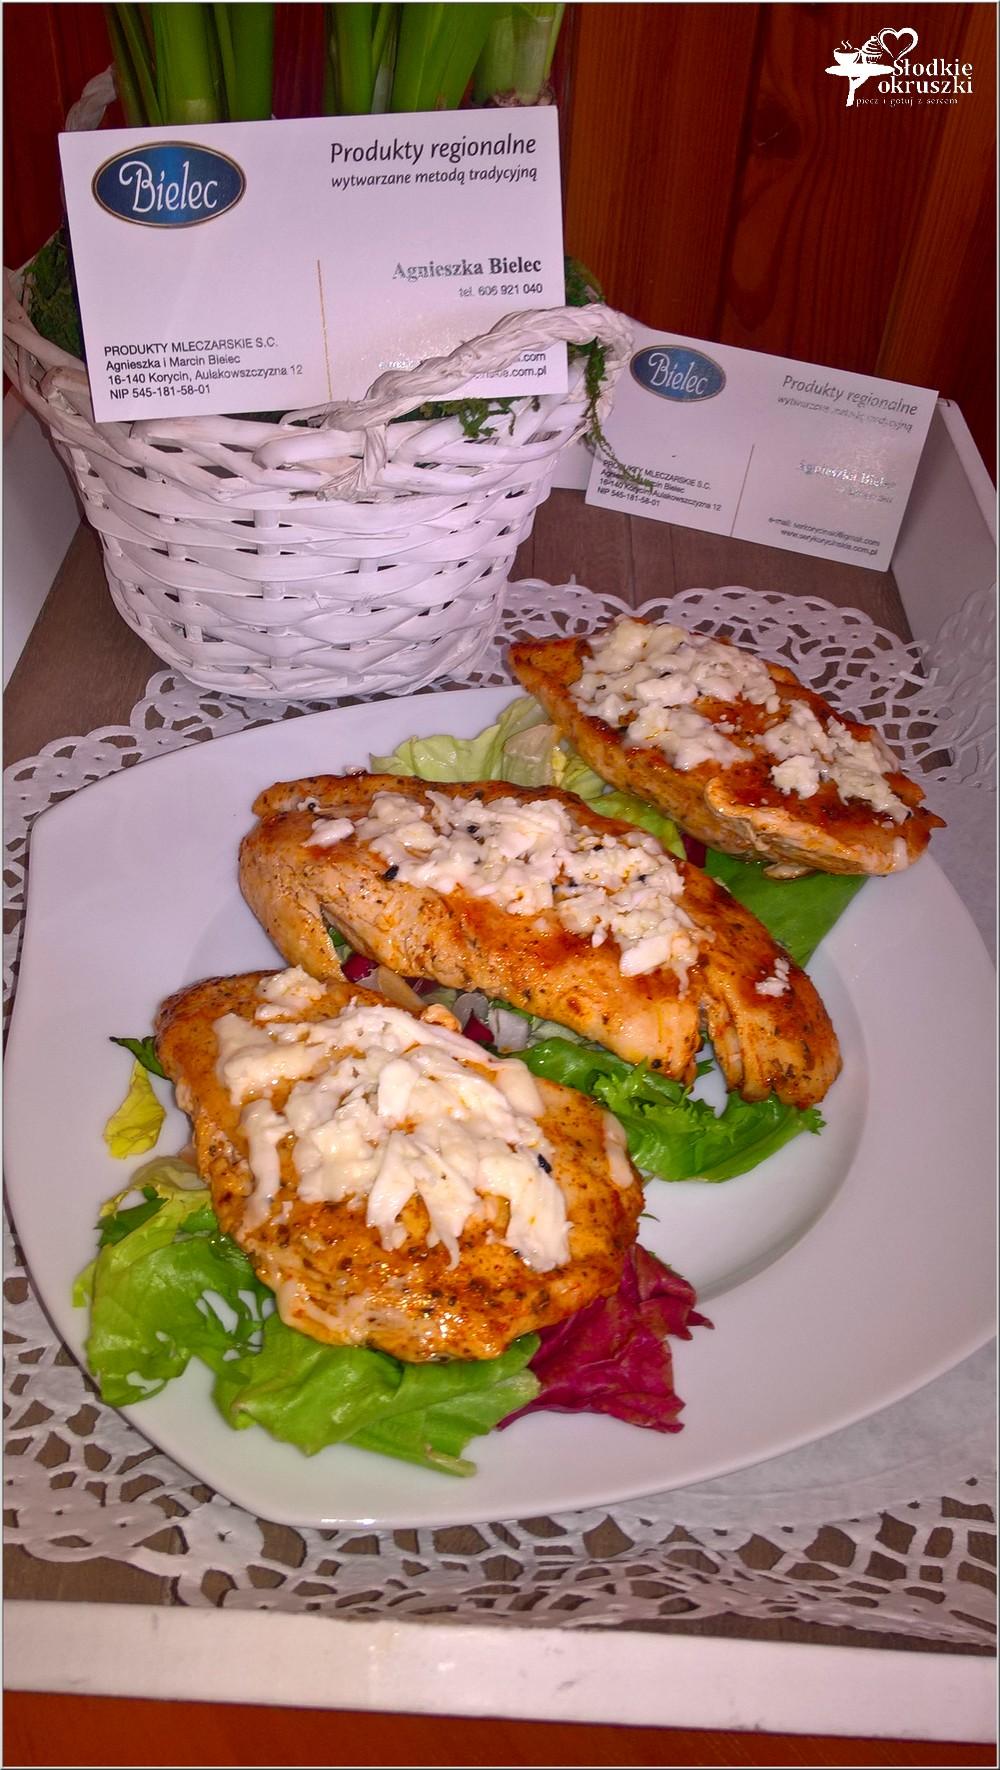 Grillowane piersi z kurczaka z serem korycińskim (1)